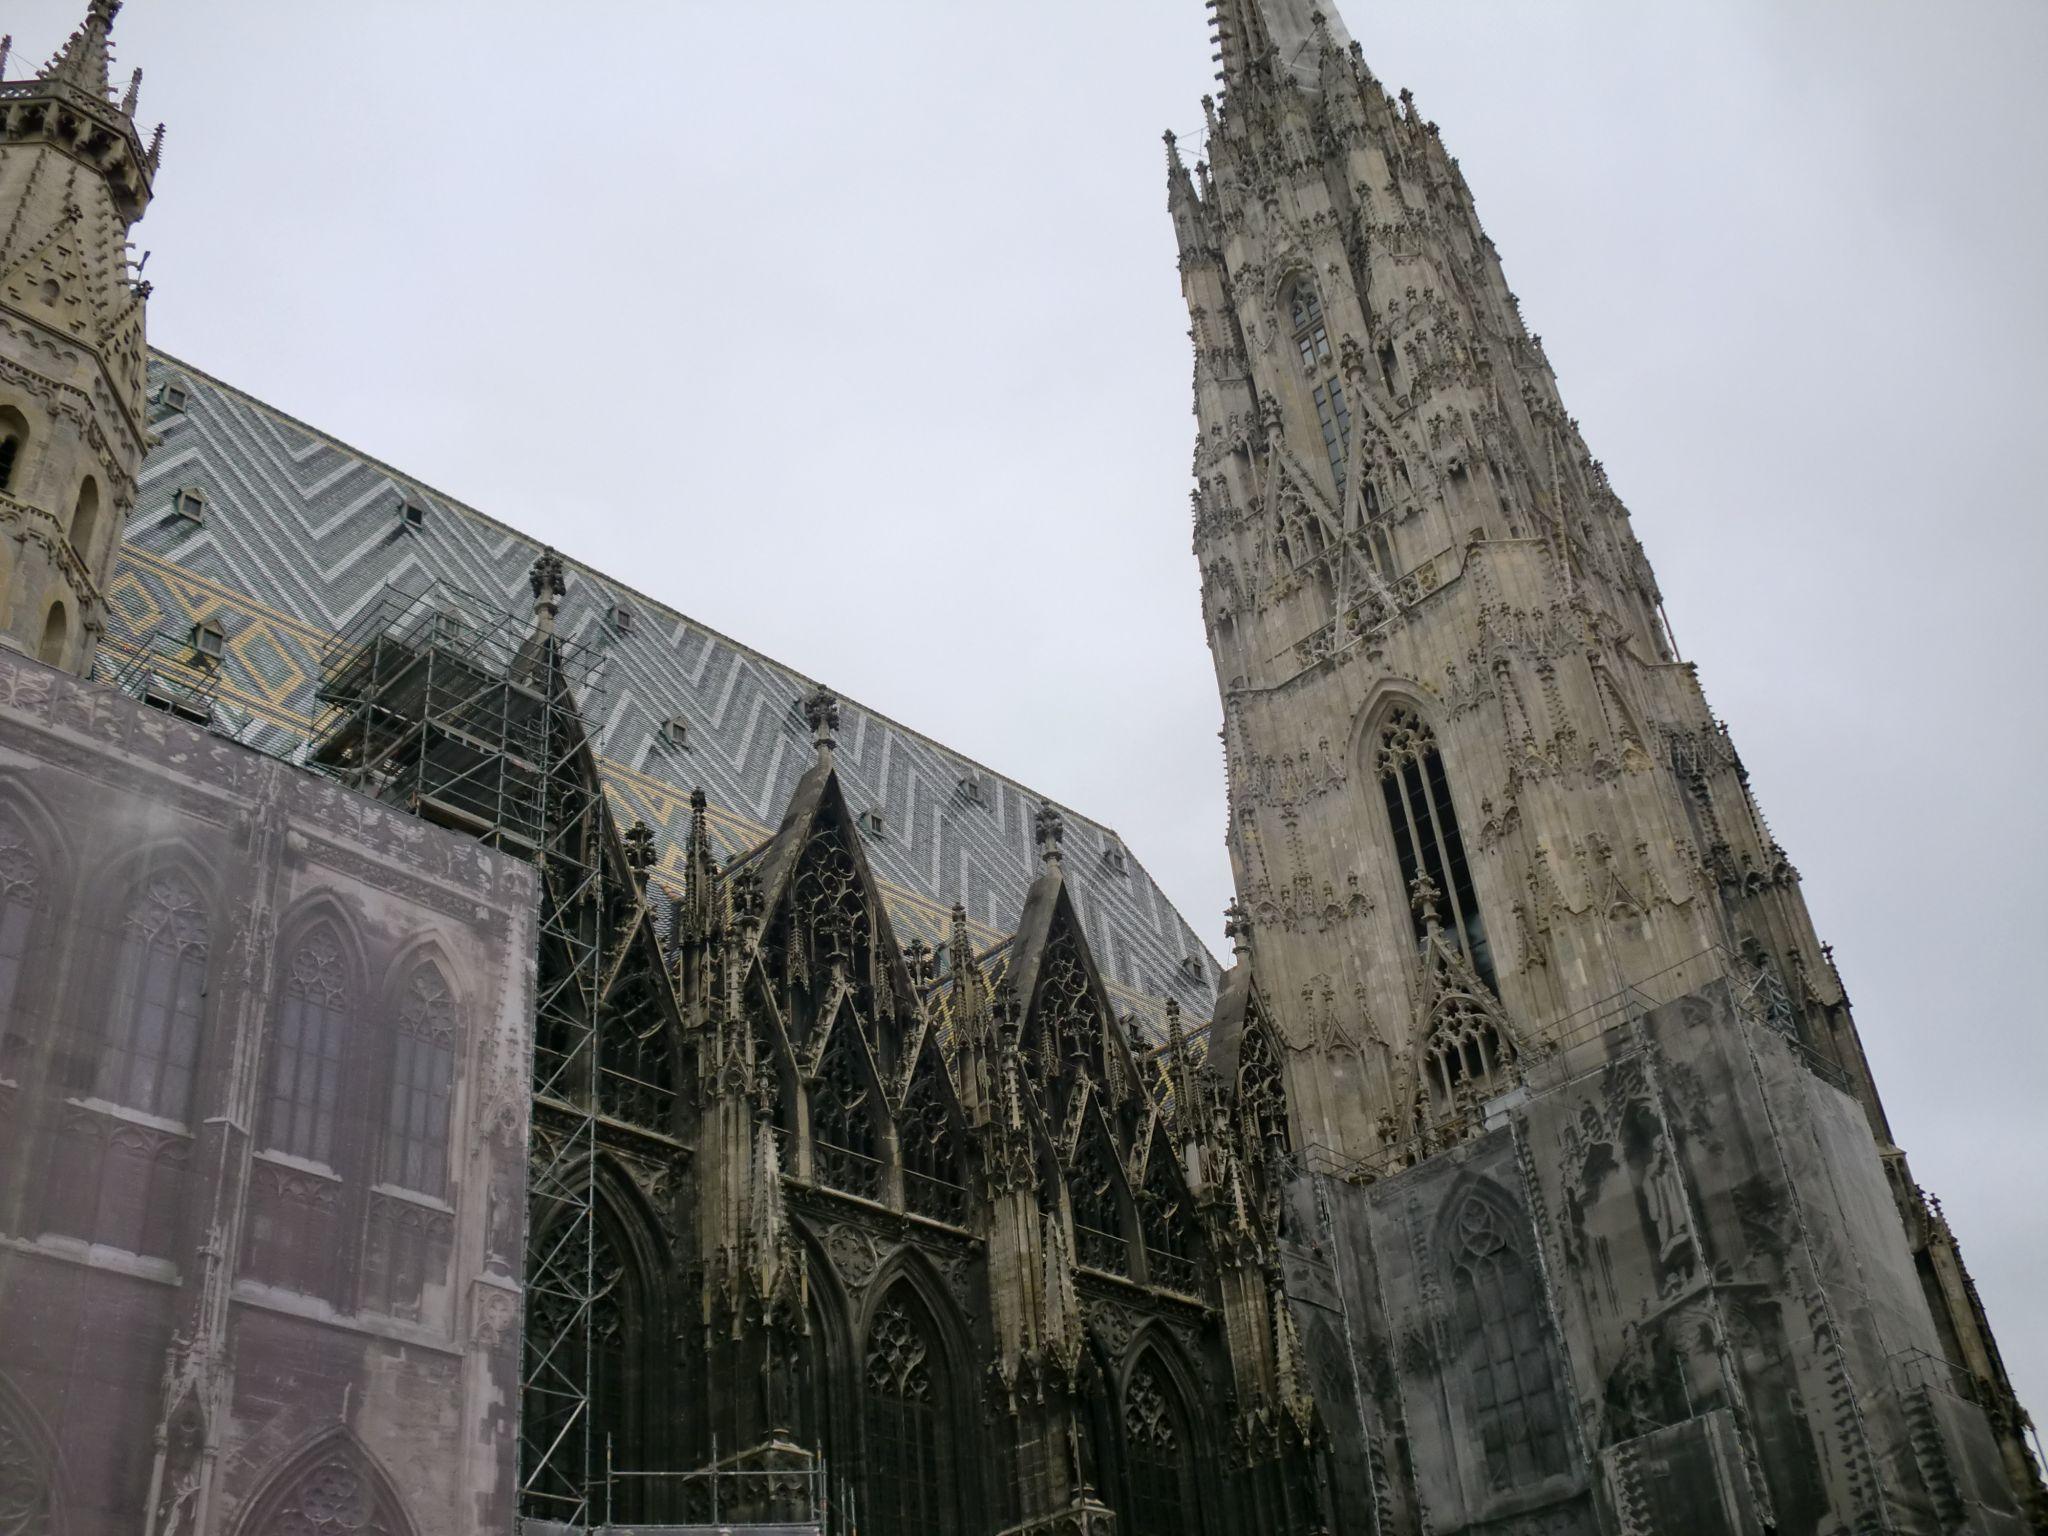 Vienna cathedral 30 1440x1080 - Vienna: elegant beauty